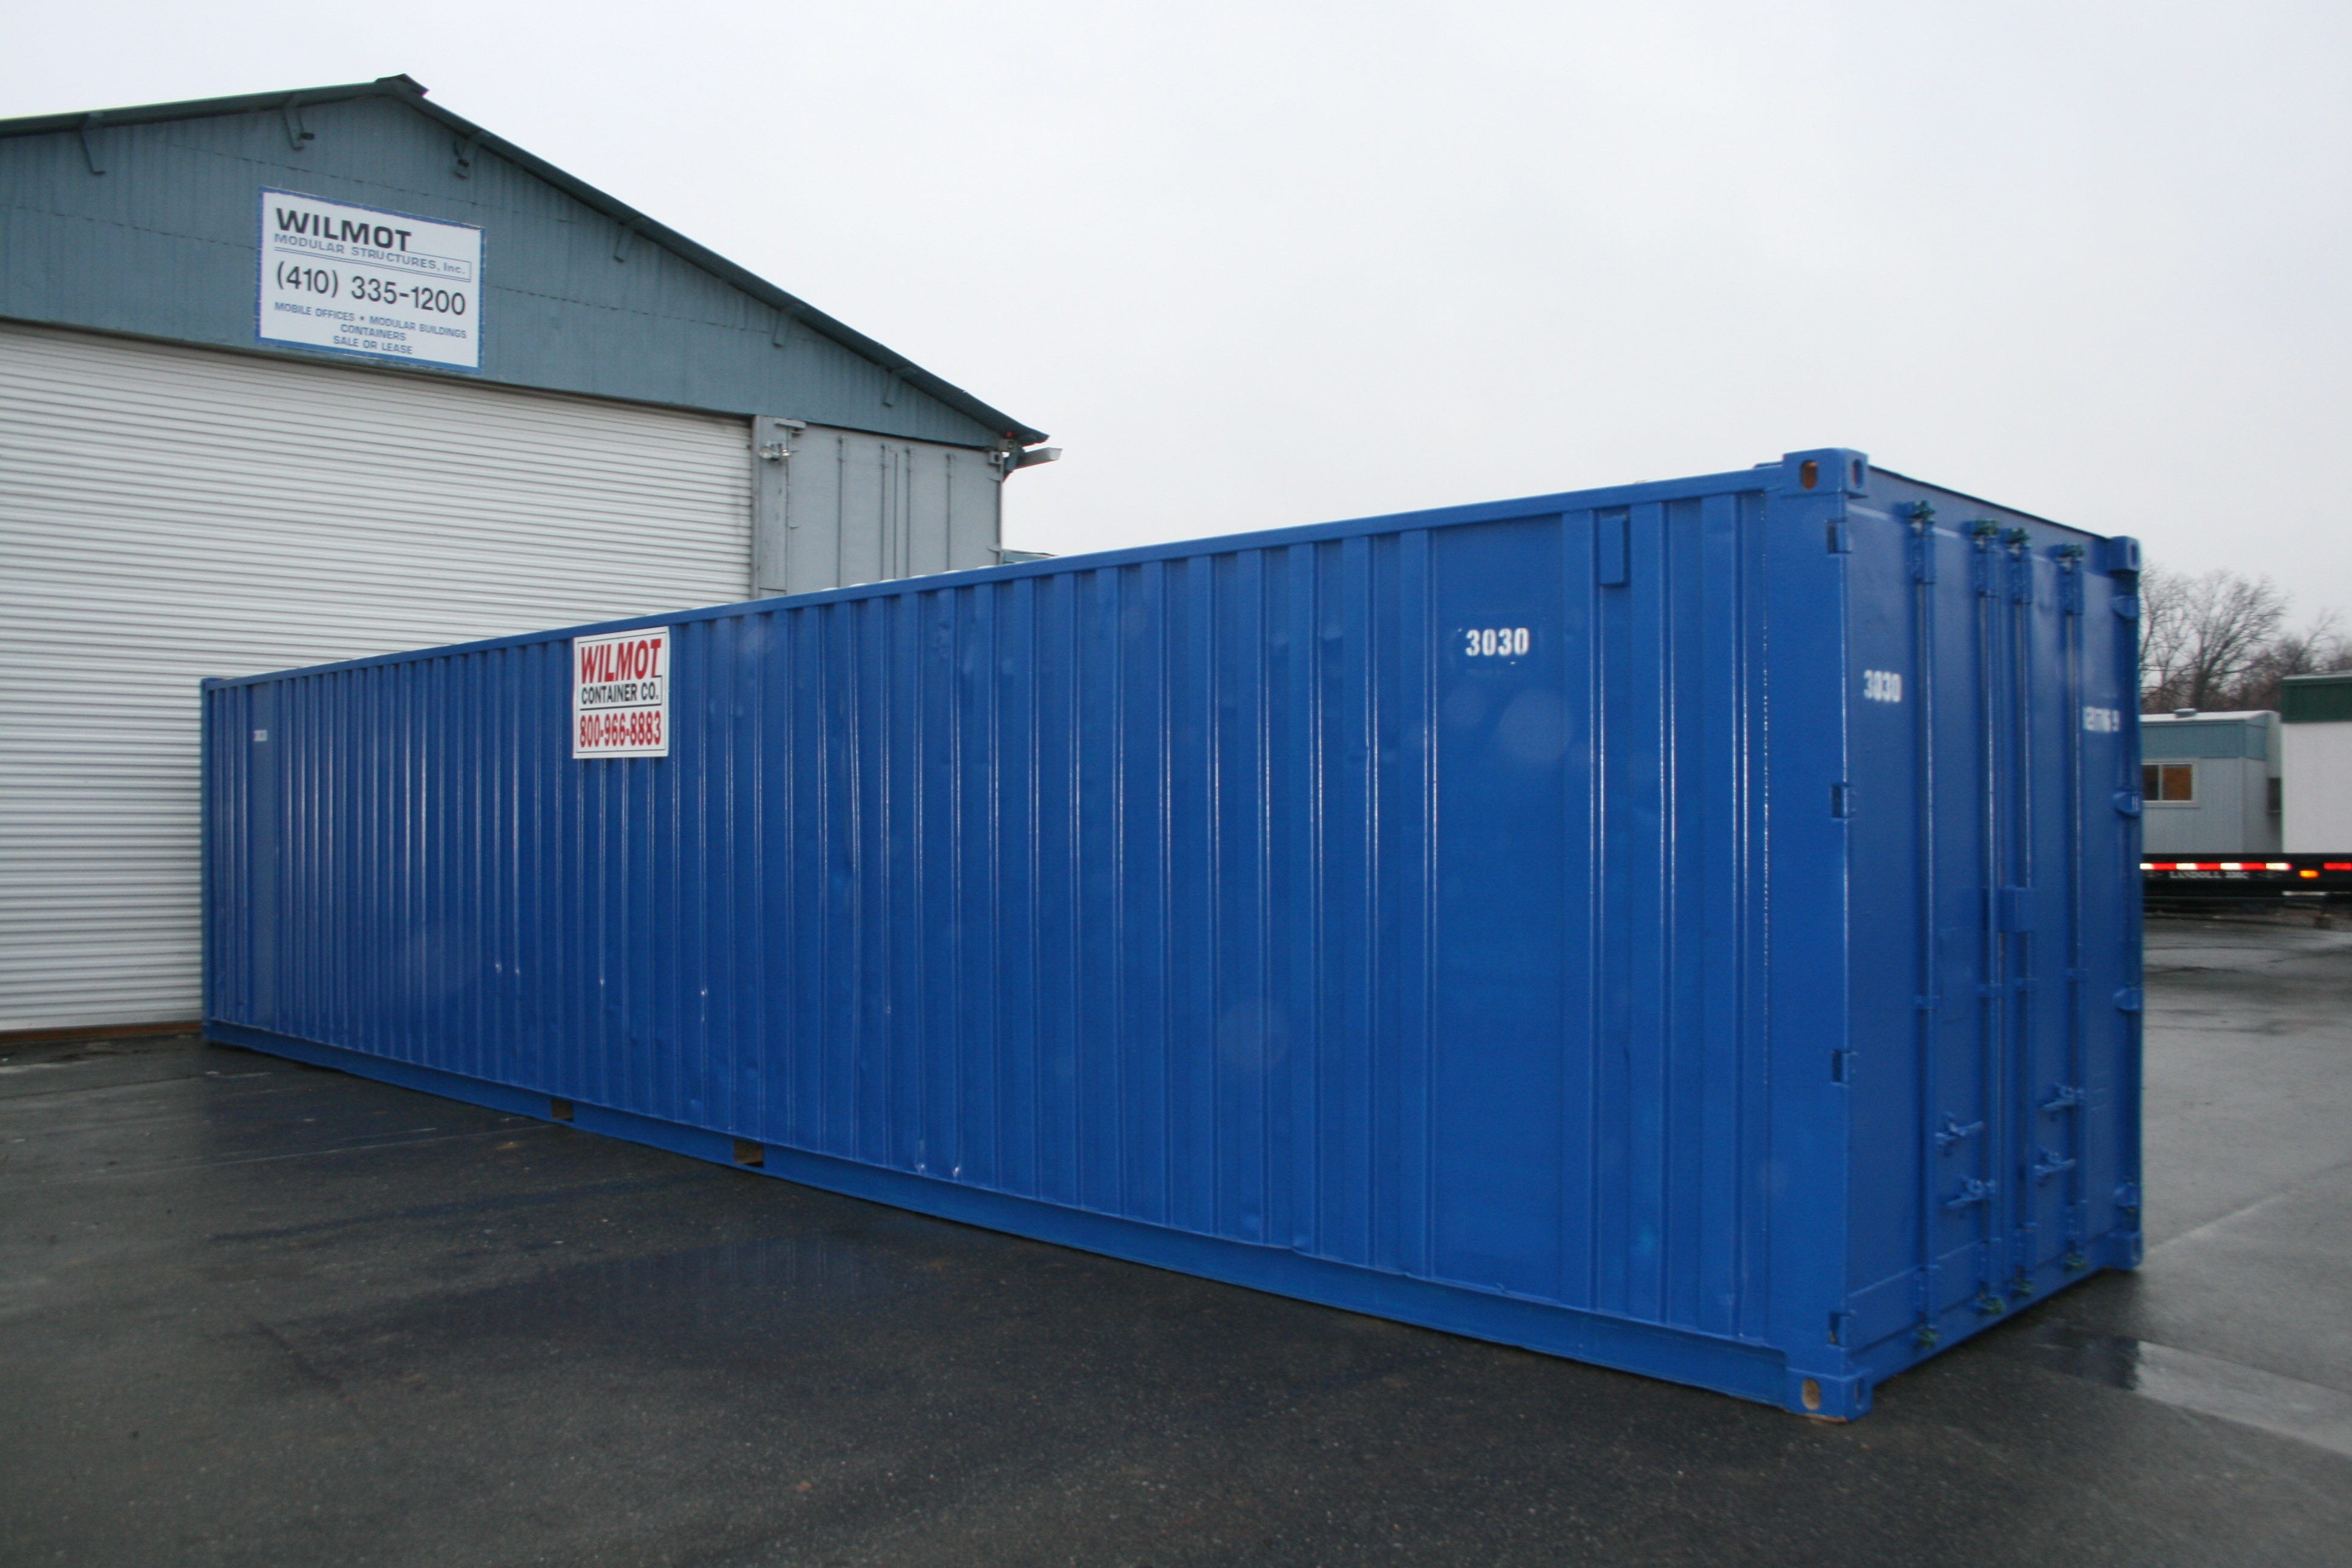 Ground level storage container